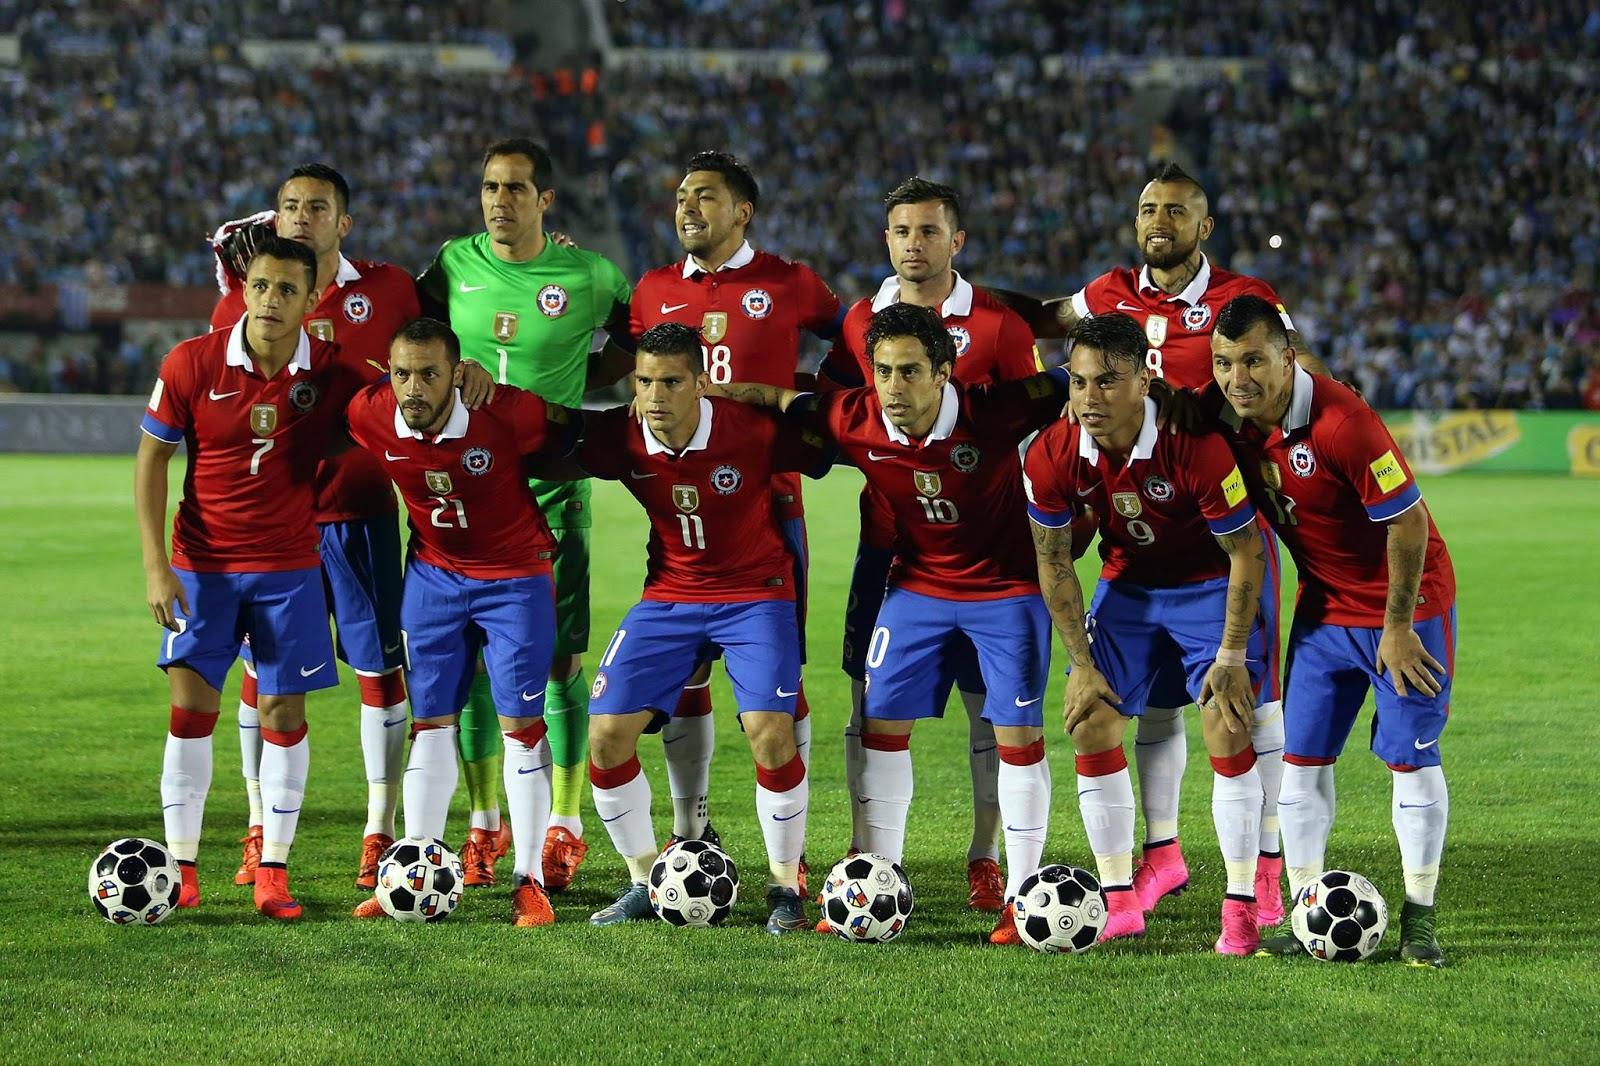 Formación de Chile ante Uruguay, Clasificatorias Rusia 2018, 17 de noviembre de 2015